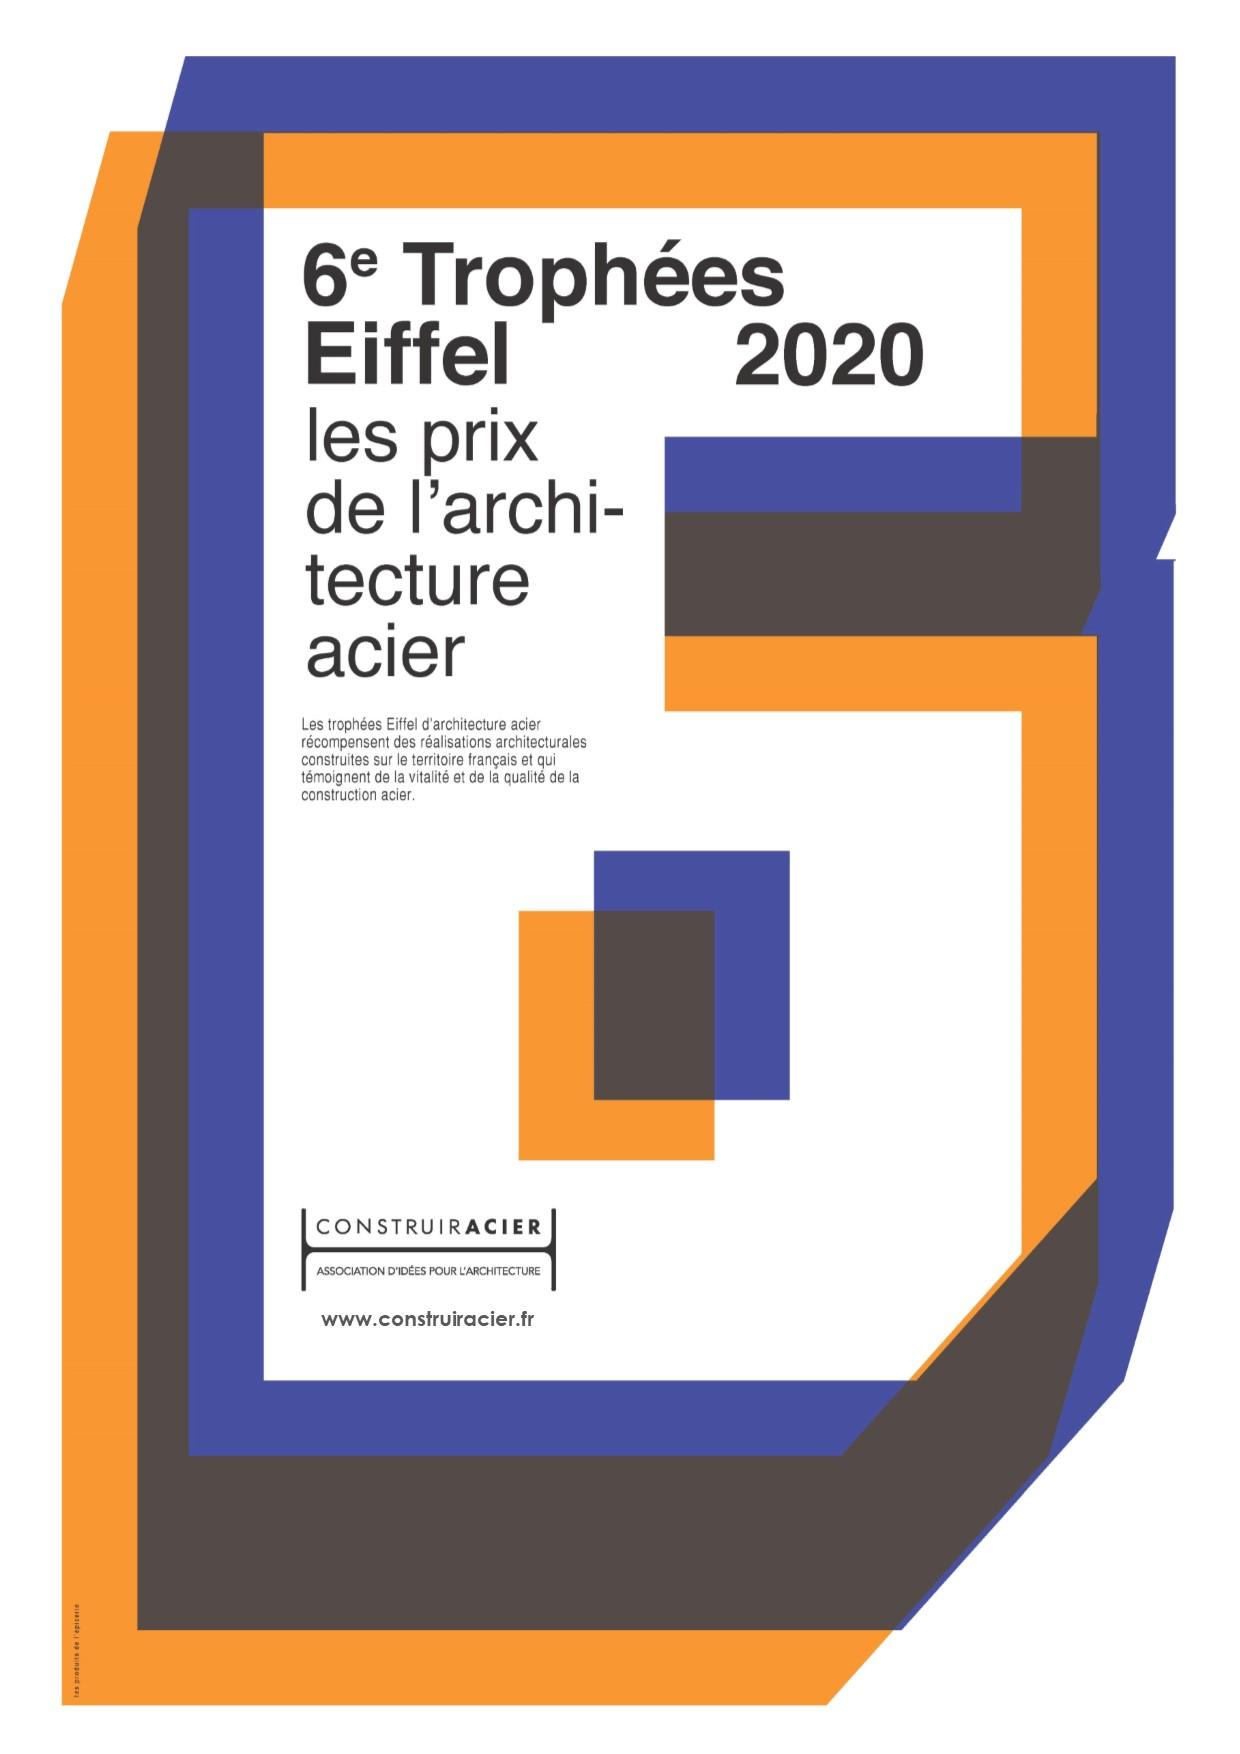 affiche-trophes-eiffel-2020